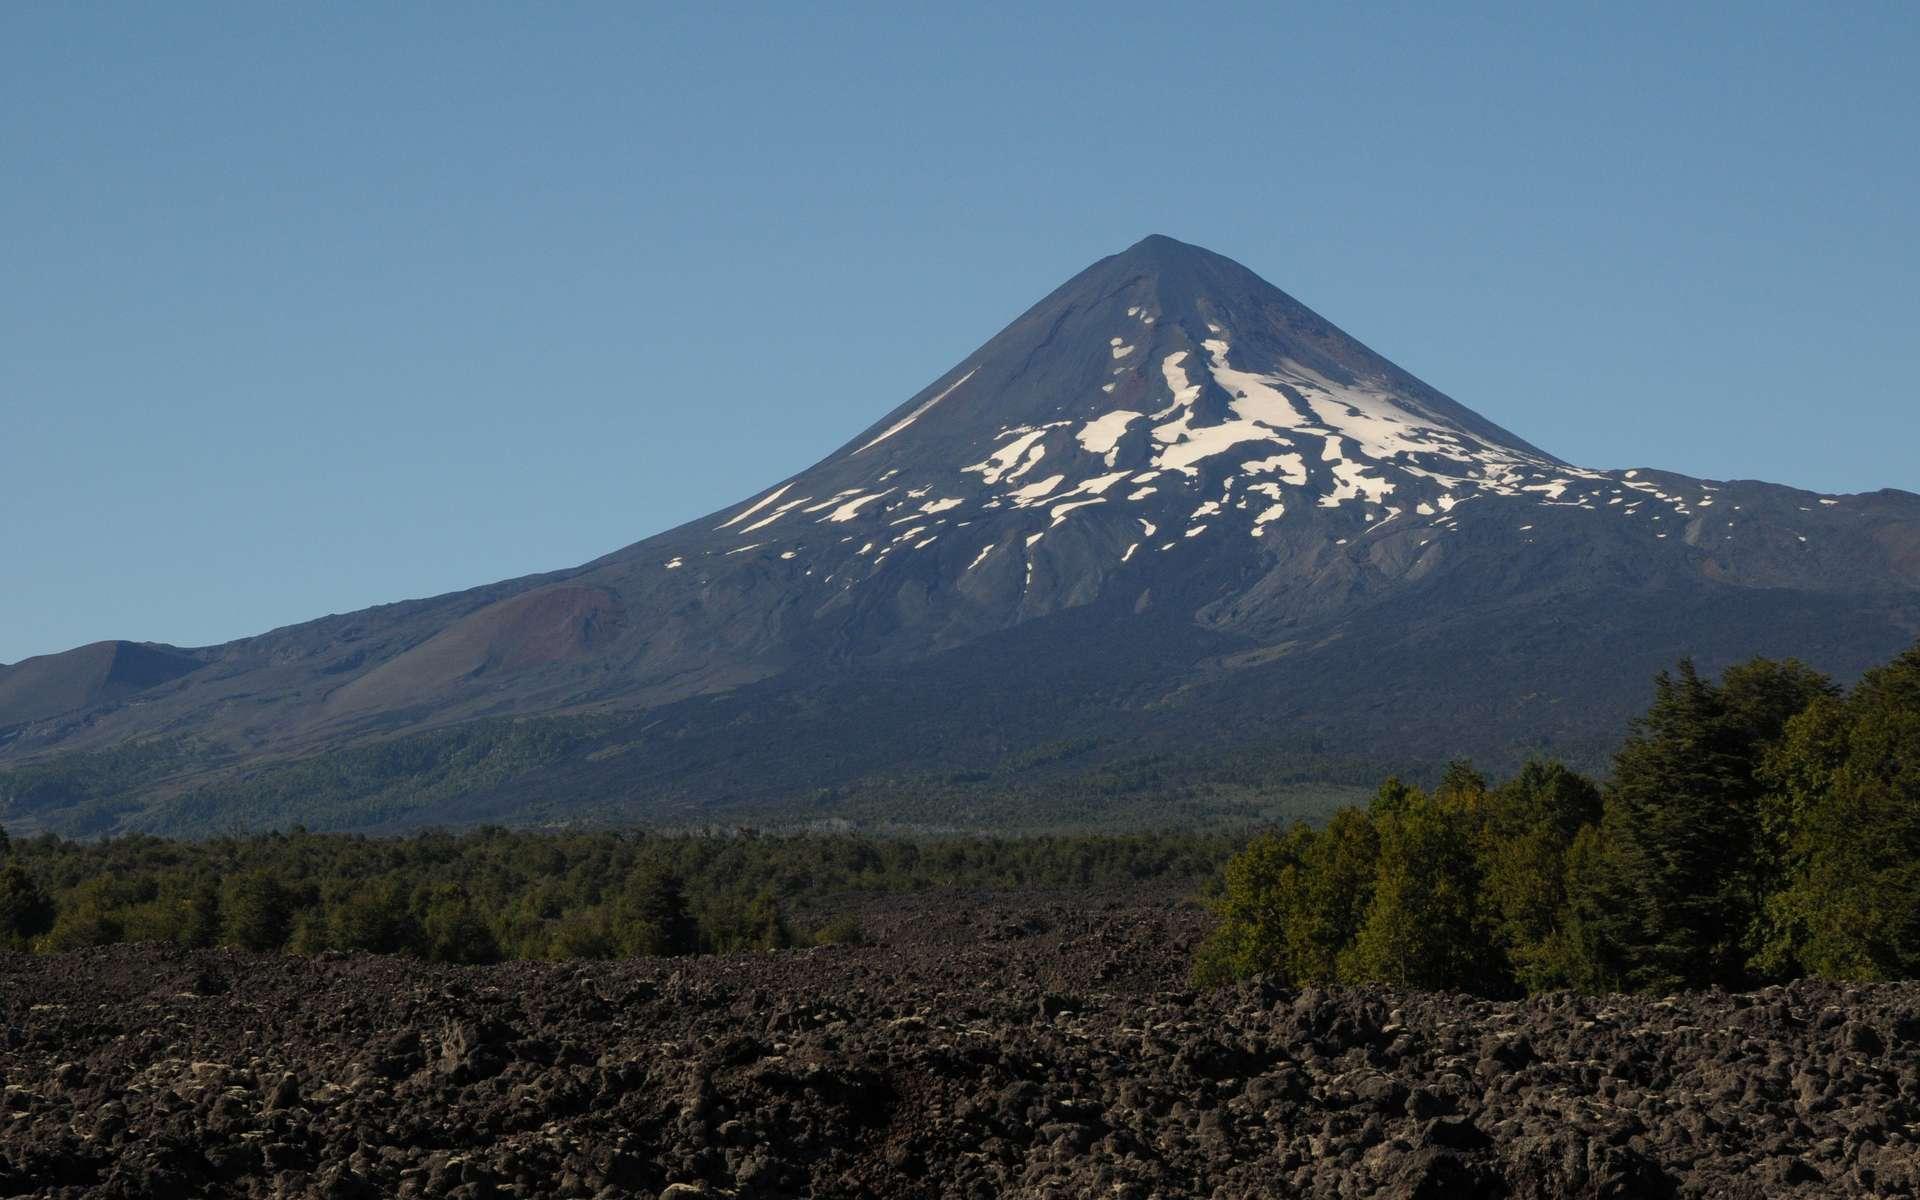 Le volcan Villarrica, au Chili, fait partie des volcans dont l'activité est visible sur les carottes du plancher océanique. © M. Nicolai, Geomar